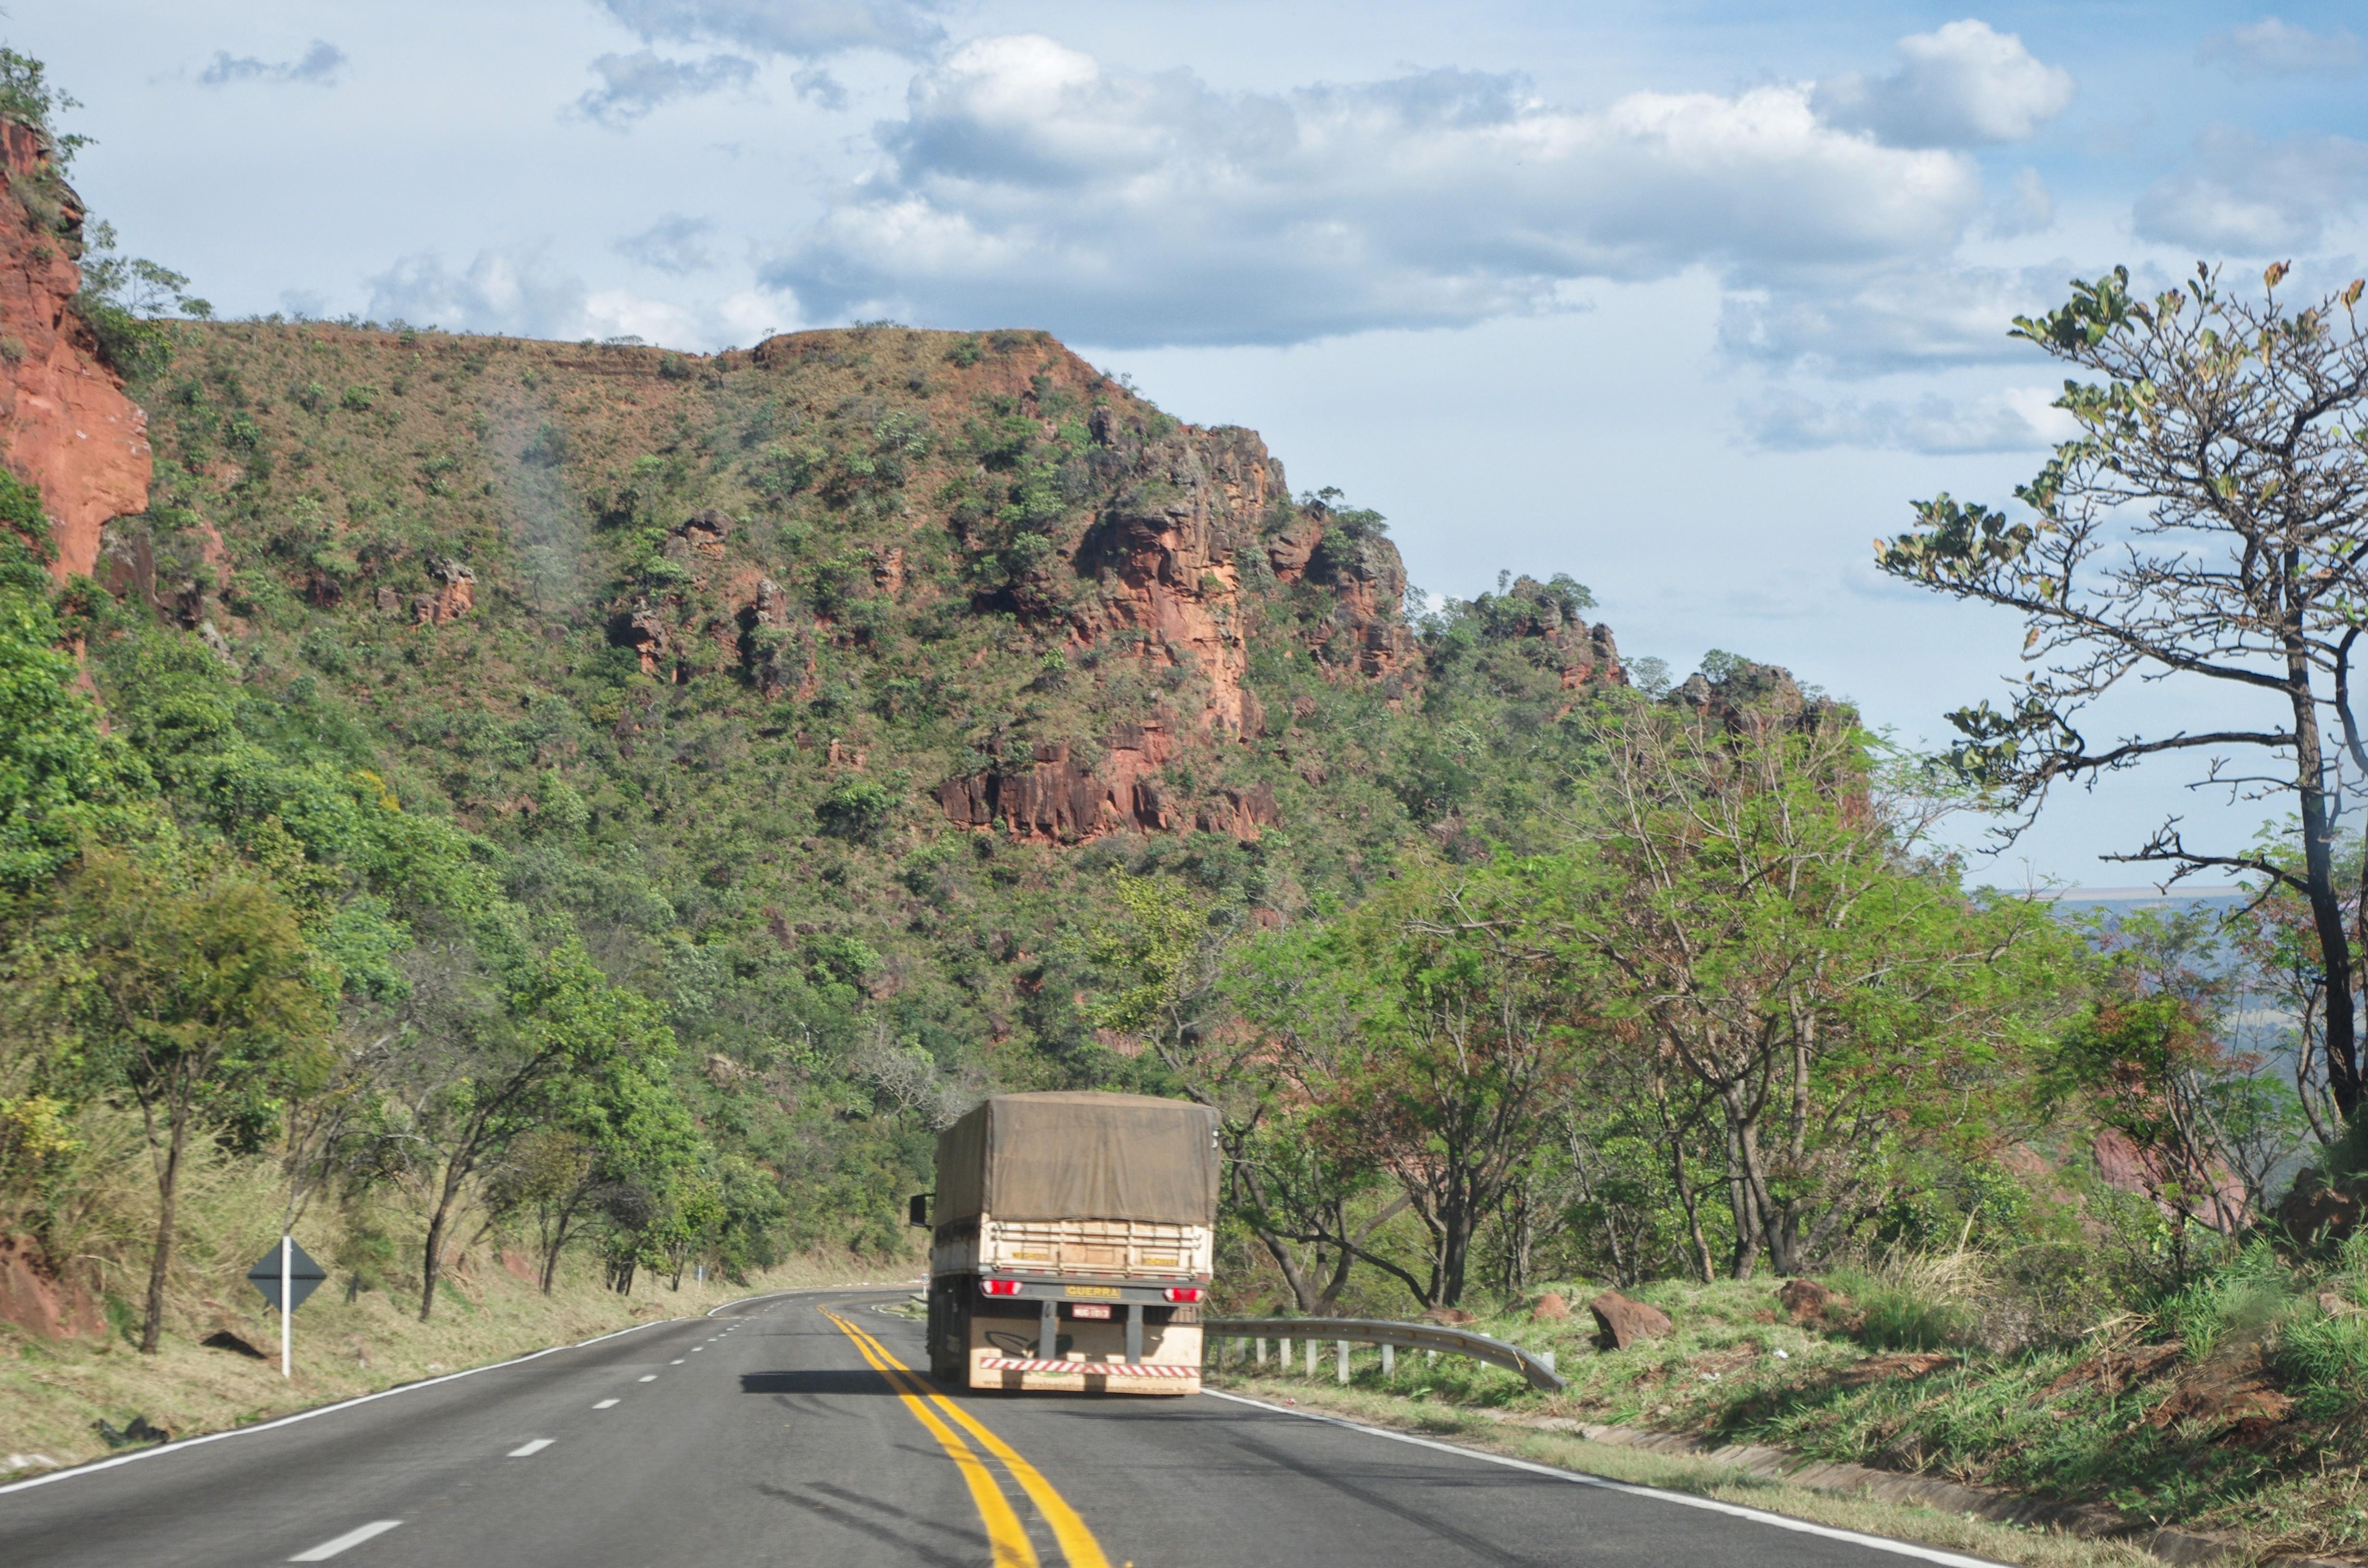 Pedra Preta Mato Grosso fonte: upload.wikimedia.org